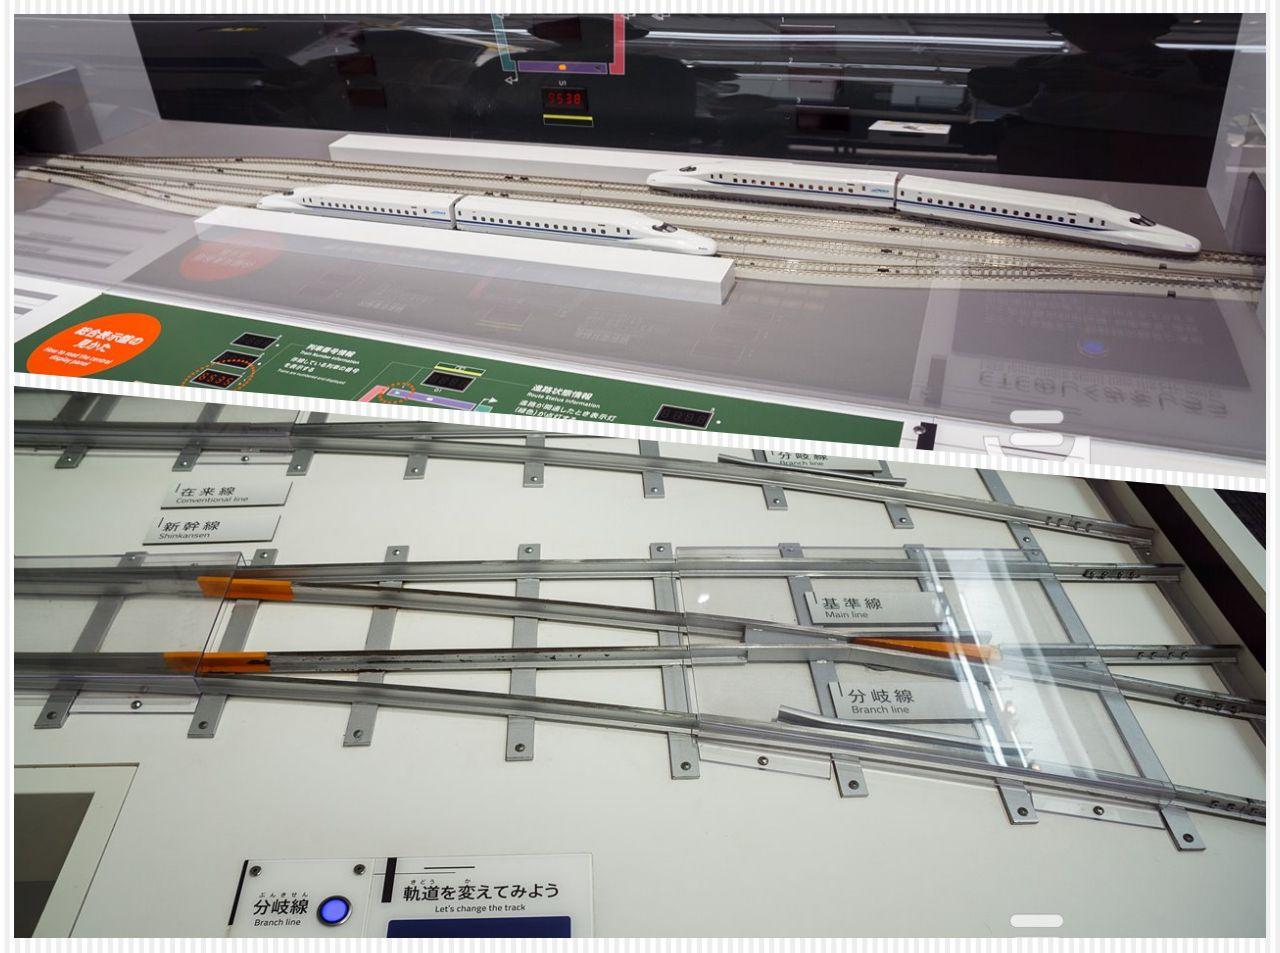 【名古屋景點】JR磁浮鐵道館 》體驗鐵道歷史與科技進步的軌跡 48